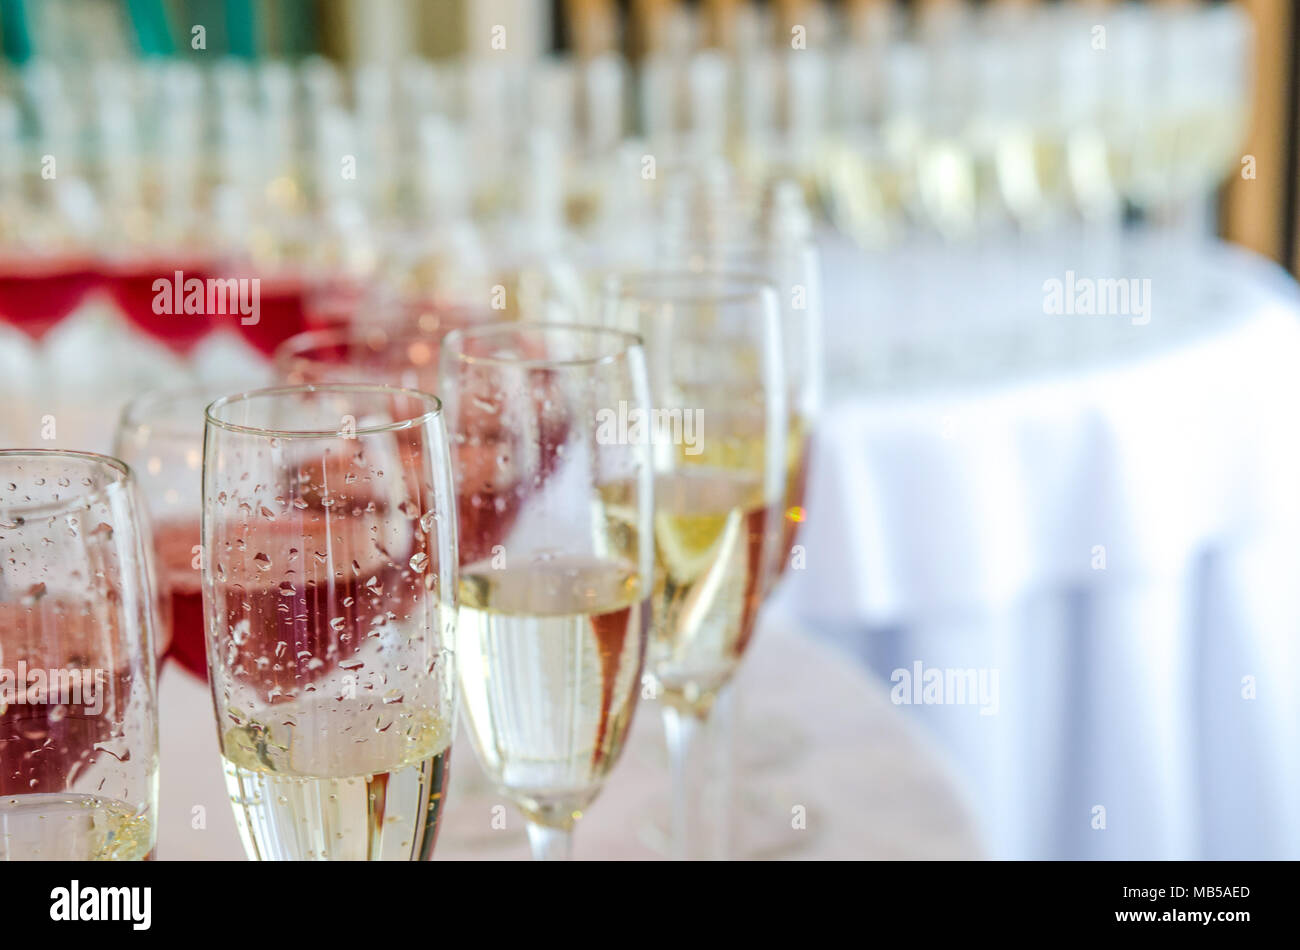 Ristorazione Bar per la celebrazione. La bellezza degli interni per il giorno del matrimonio. Lo champagne in bicchieri sulla tavola rotonda Immagini Stock